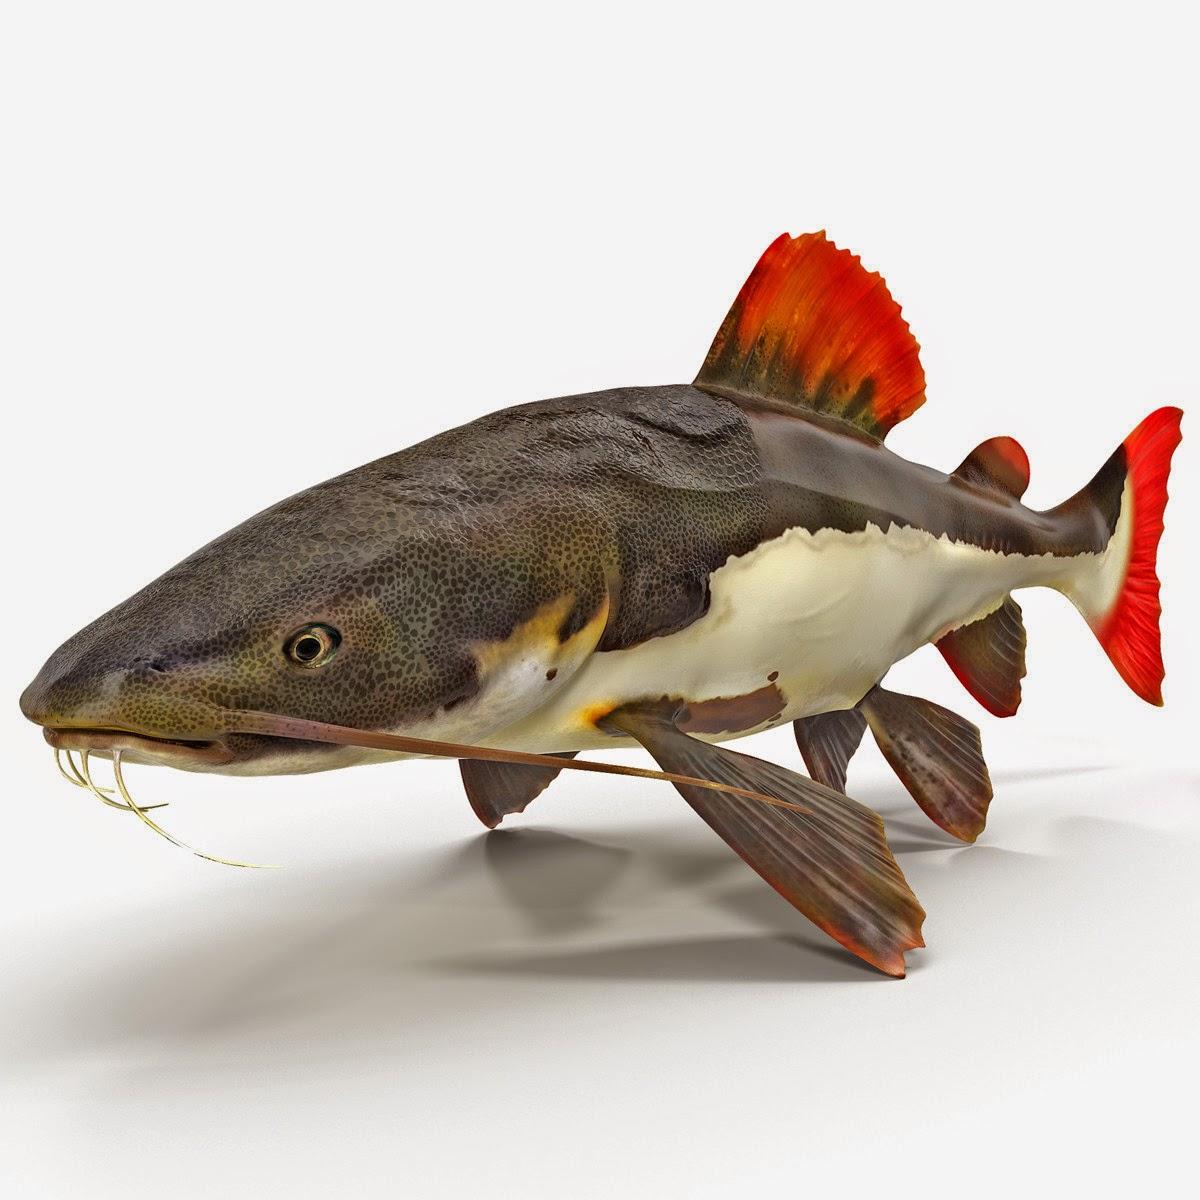 Redtail Catfish 3d modelRedtail Catfish